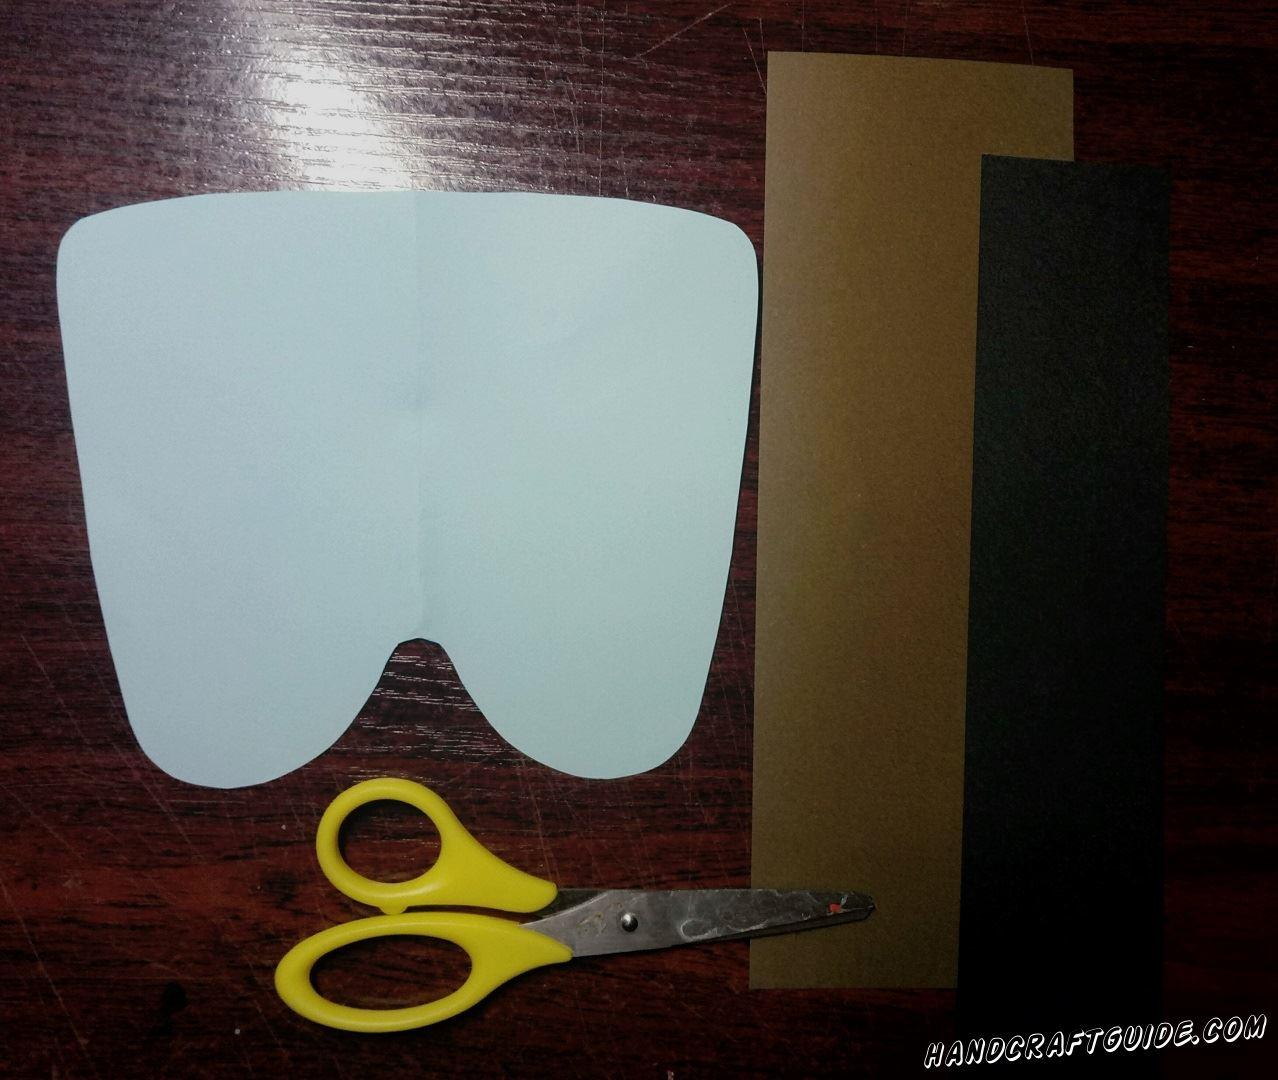 Для начала мы берем бумагу голубого цвета и вырезаем вот такой прямоугольник с закруглениями, как показано на фото.